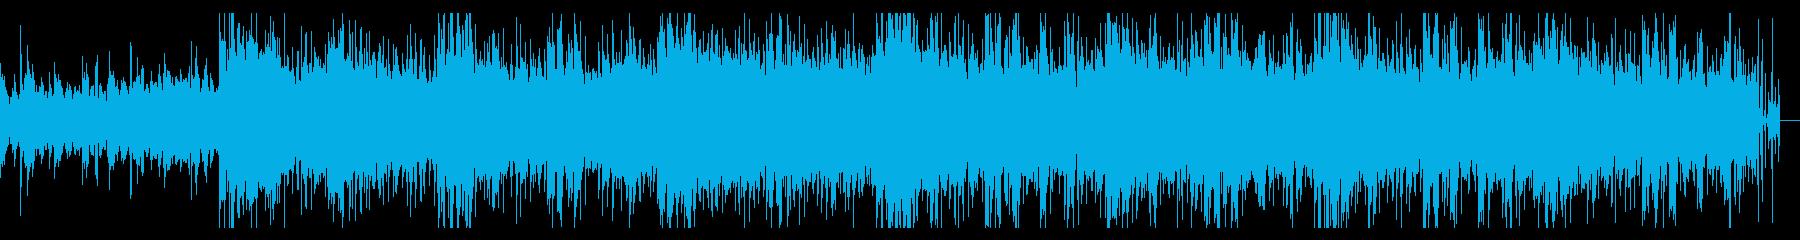 ミディアムダークなテクスチャの再生済みの波形